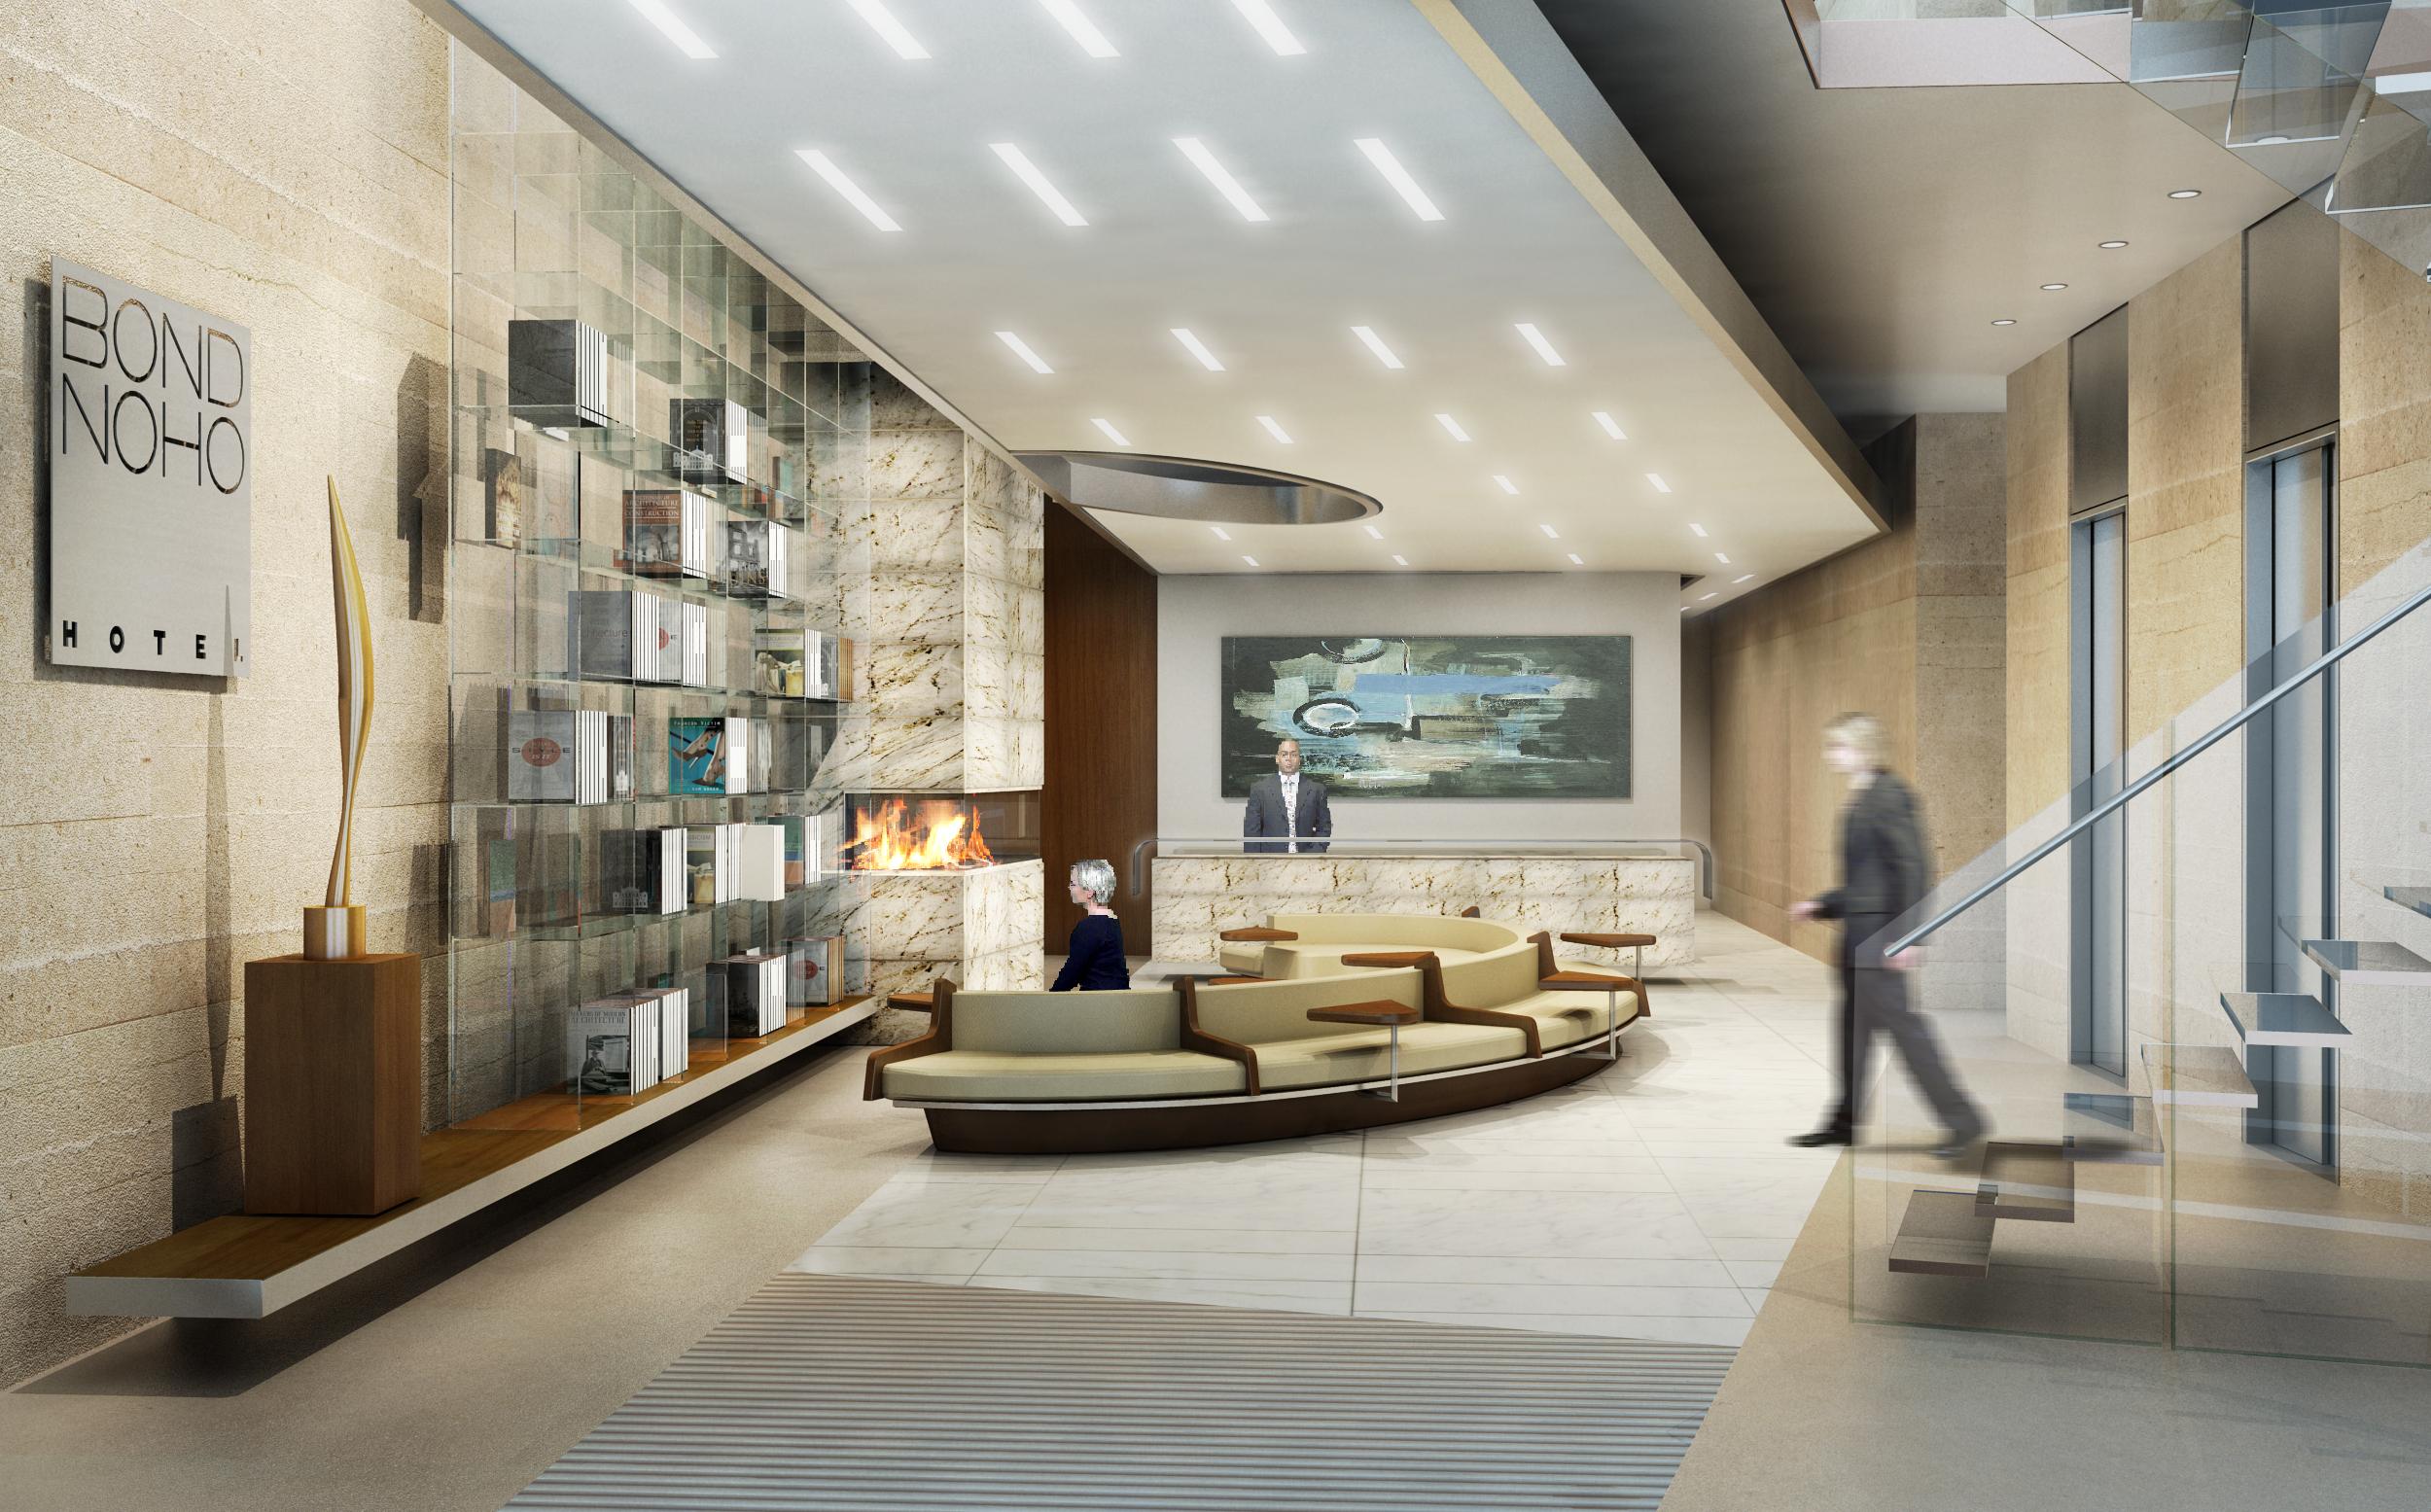 Bond NoHo Hotel, Lobby